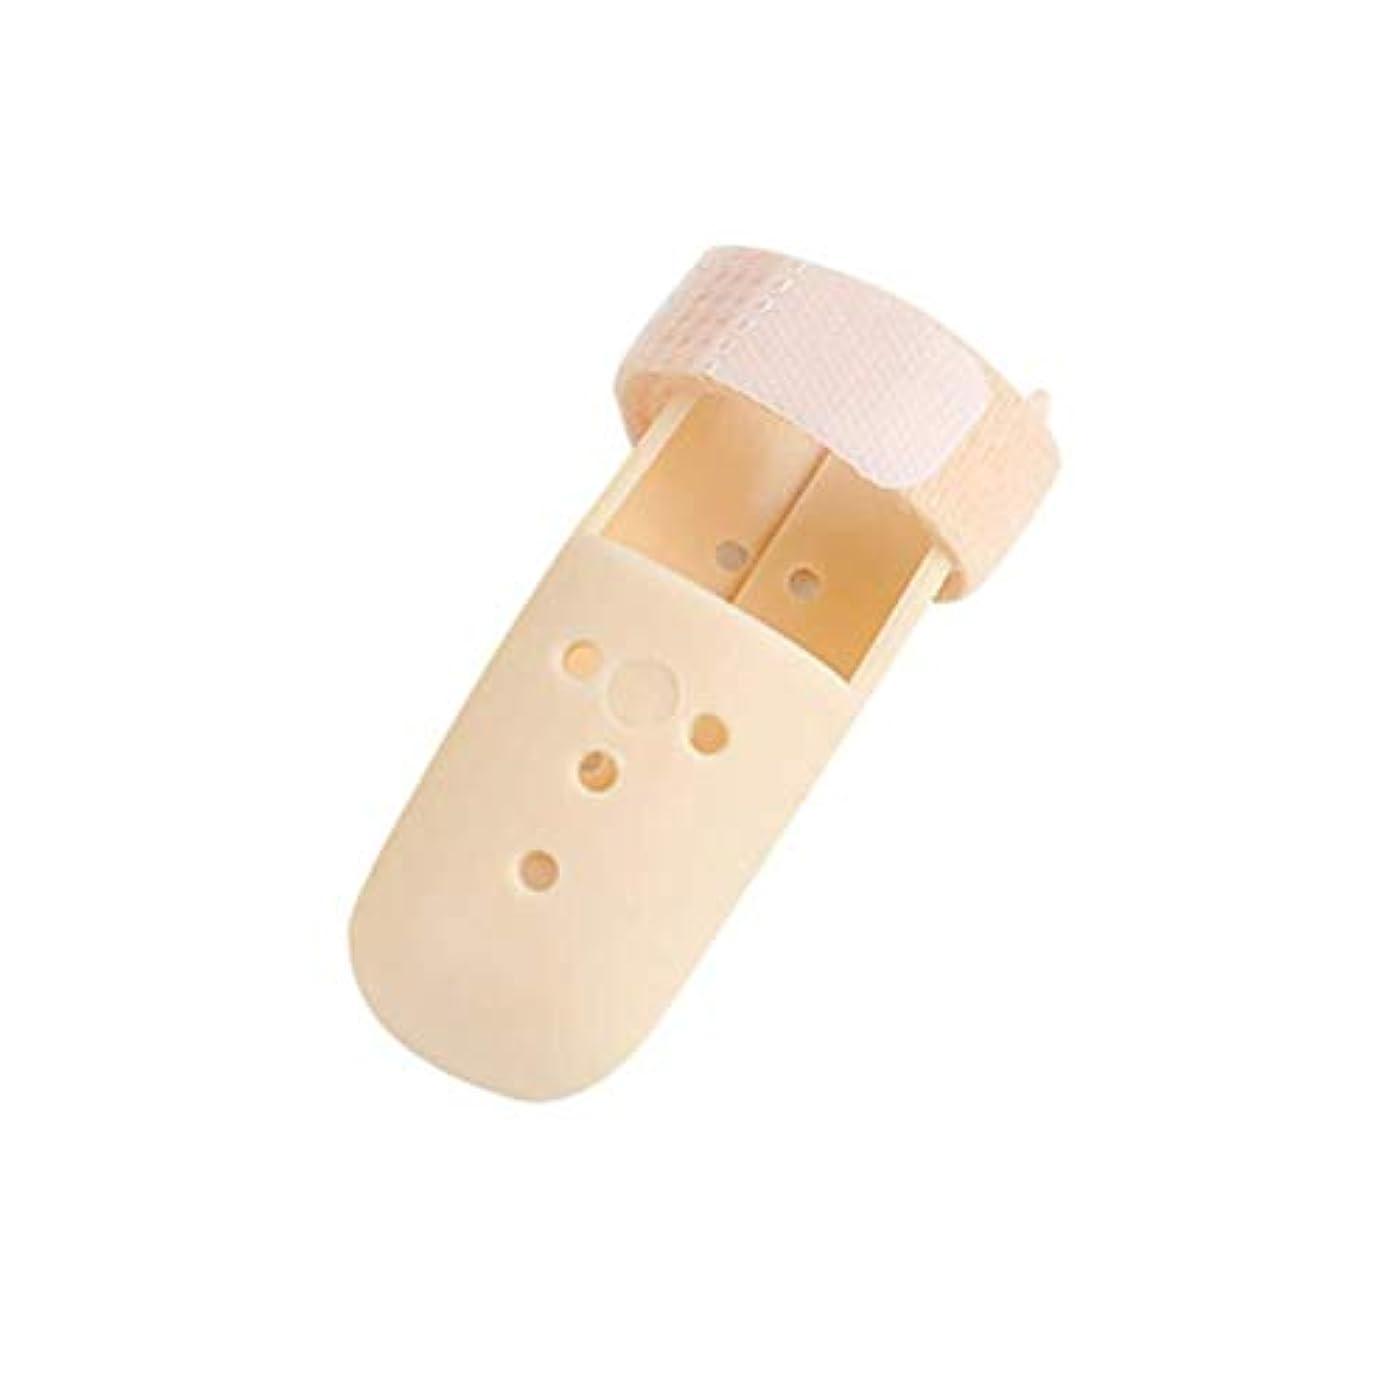 膨らみ眉契約した外れた指の添え木指の添え木をトリガーして指の関節の矯正具を固定する